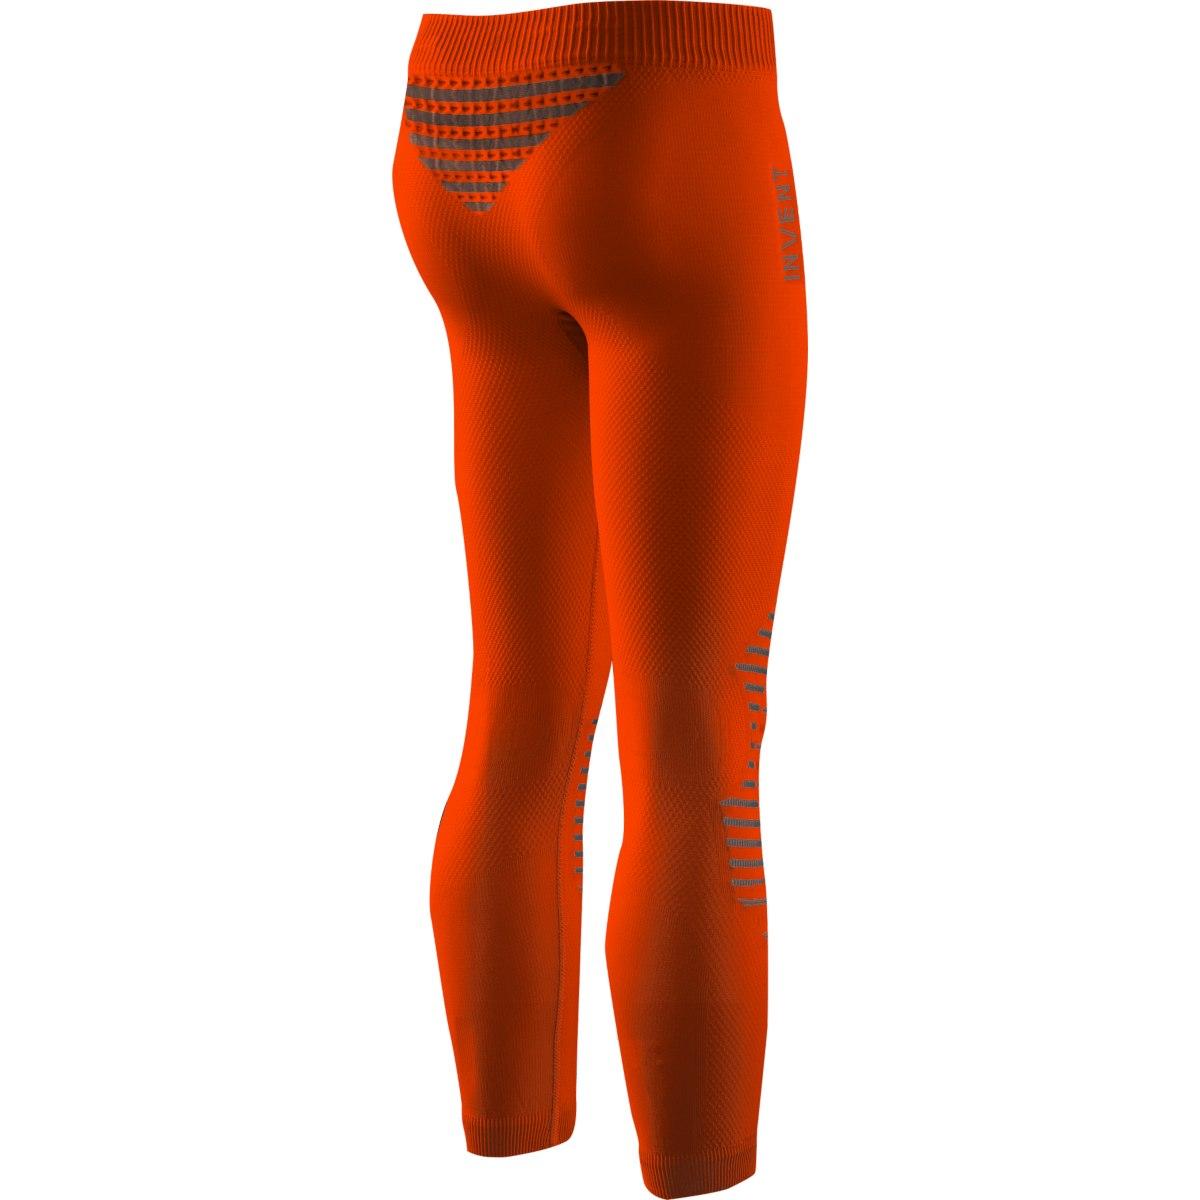 Bild von X-Bionic Invent 4.0 Lange Unterhose für Kinder - sunset orange/anthracite